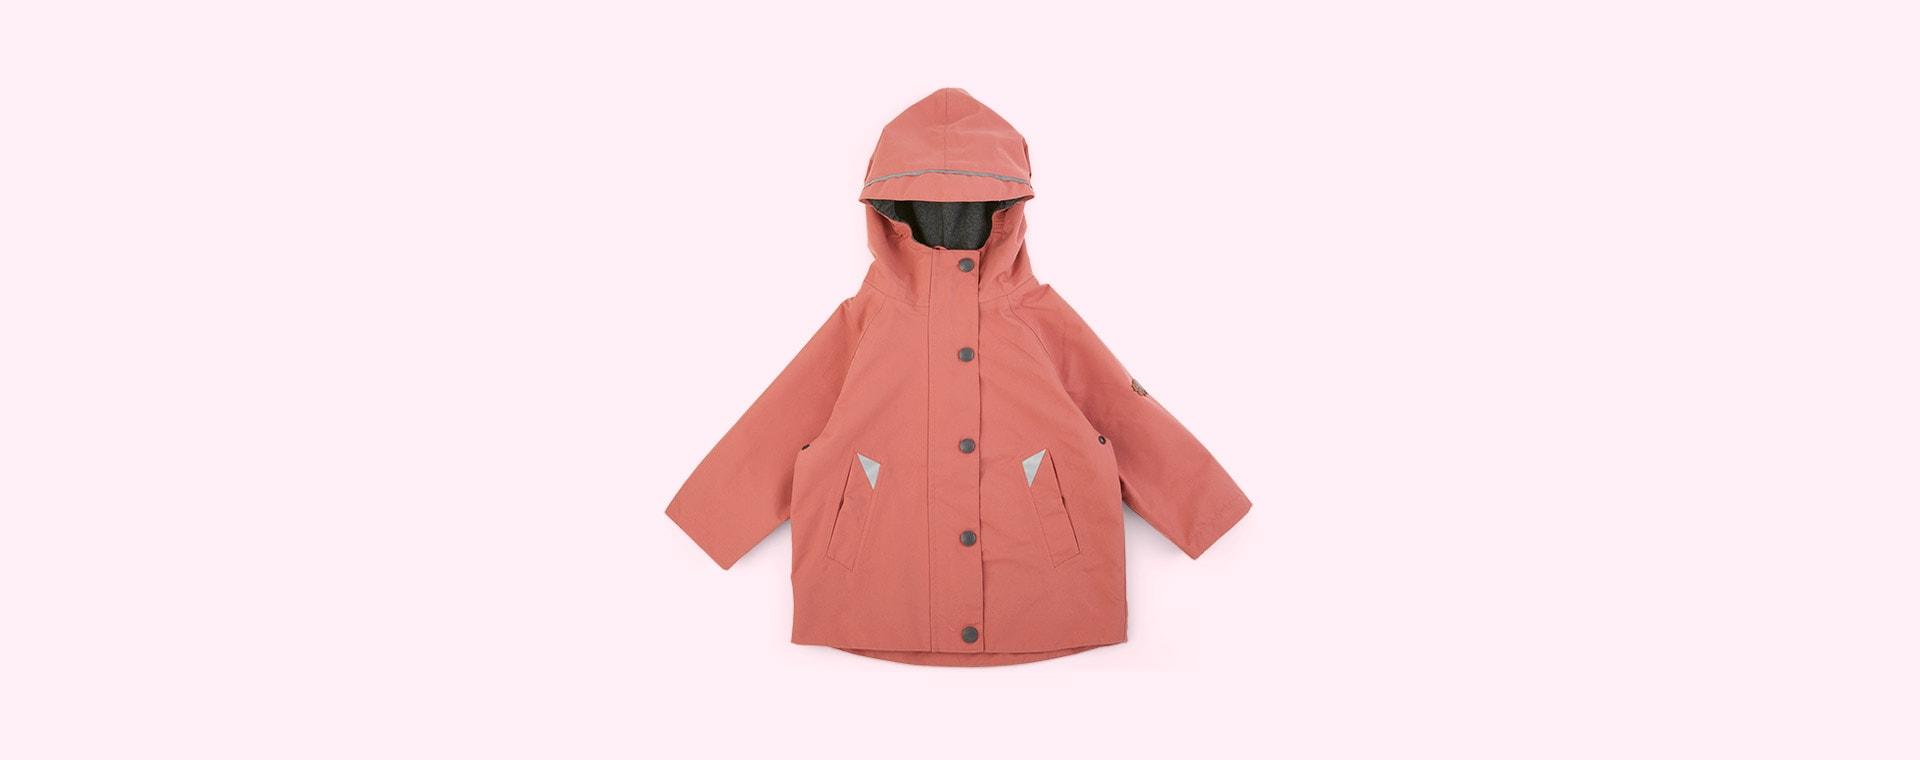 Rose Pink Töastie Kids Recycled Waterproof Raincoat